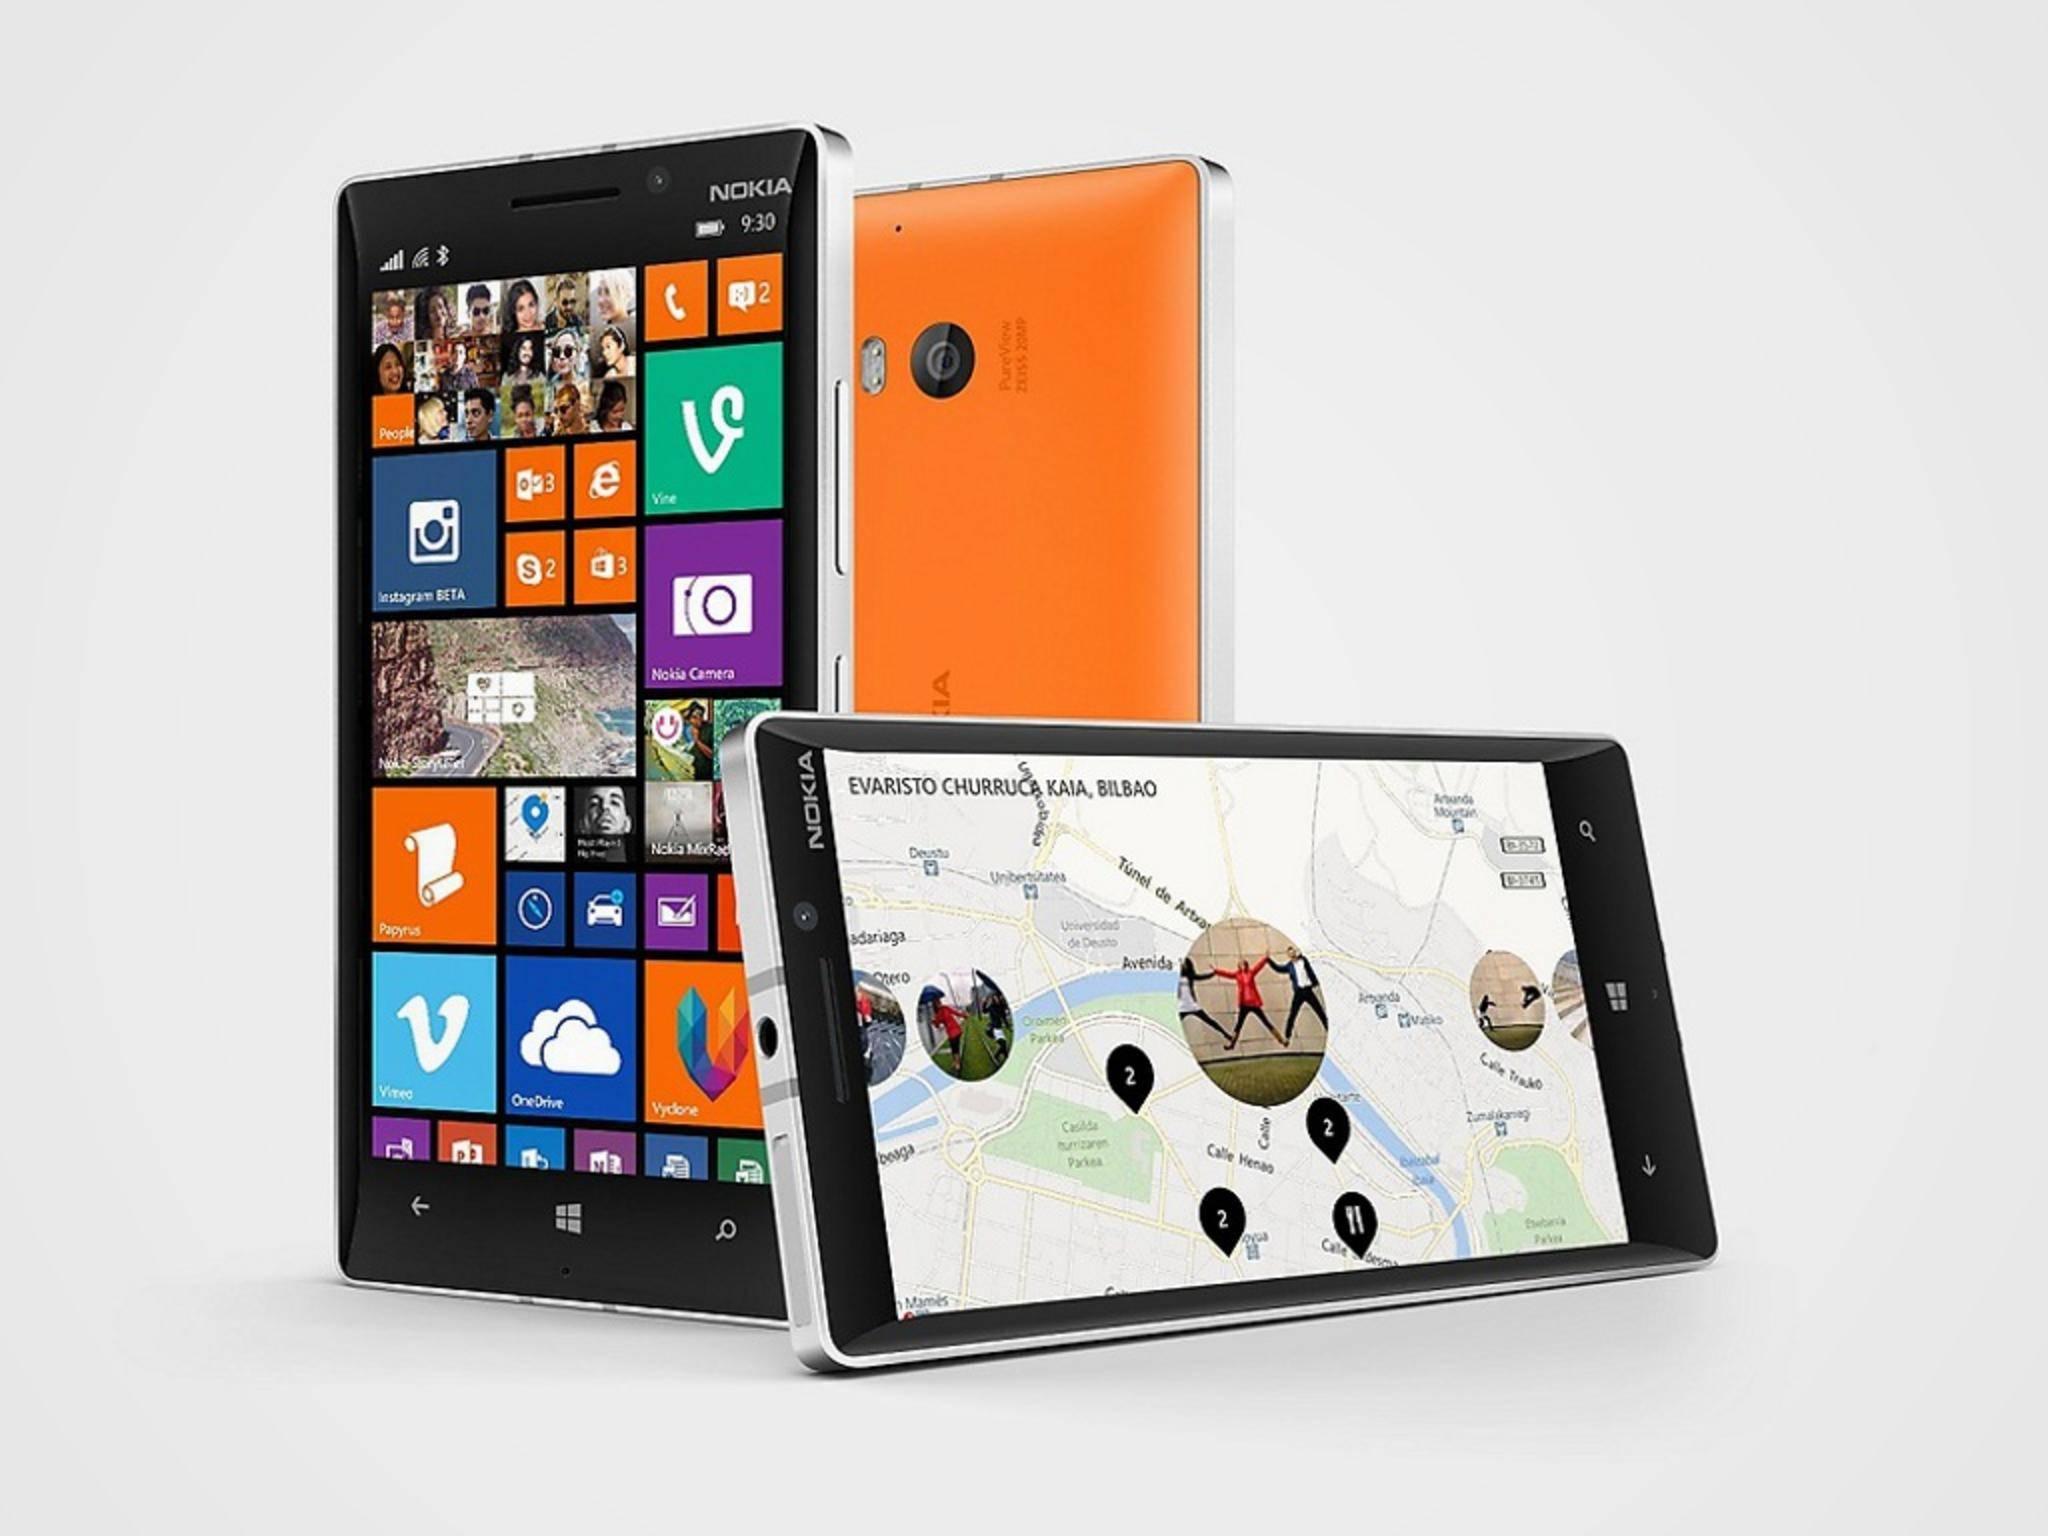 Das Lumia 930 wartet auf einen Nachfolger. Wird dieser mit einem Iris-Scanner punkten können?